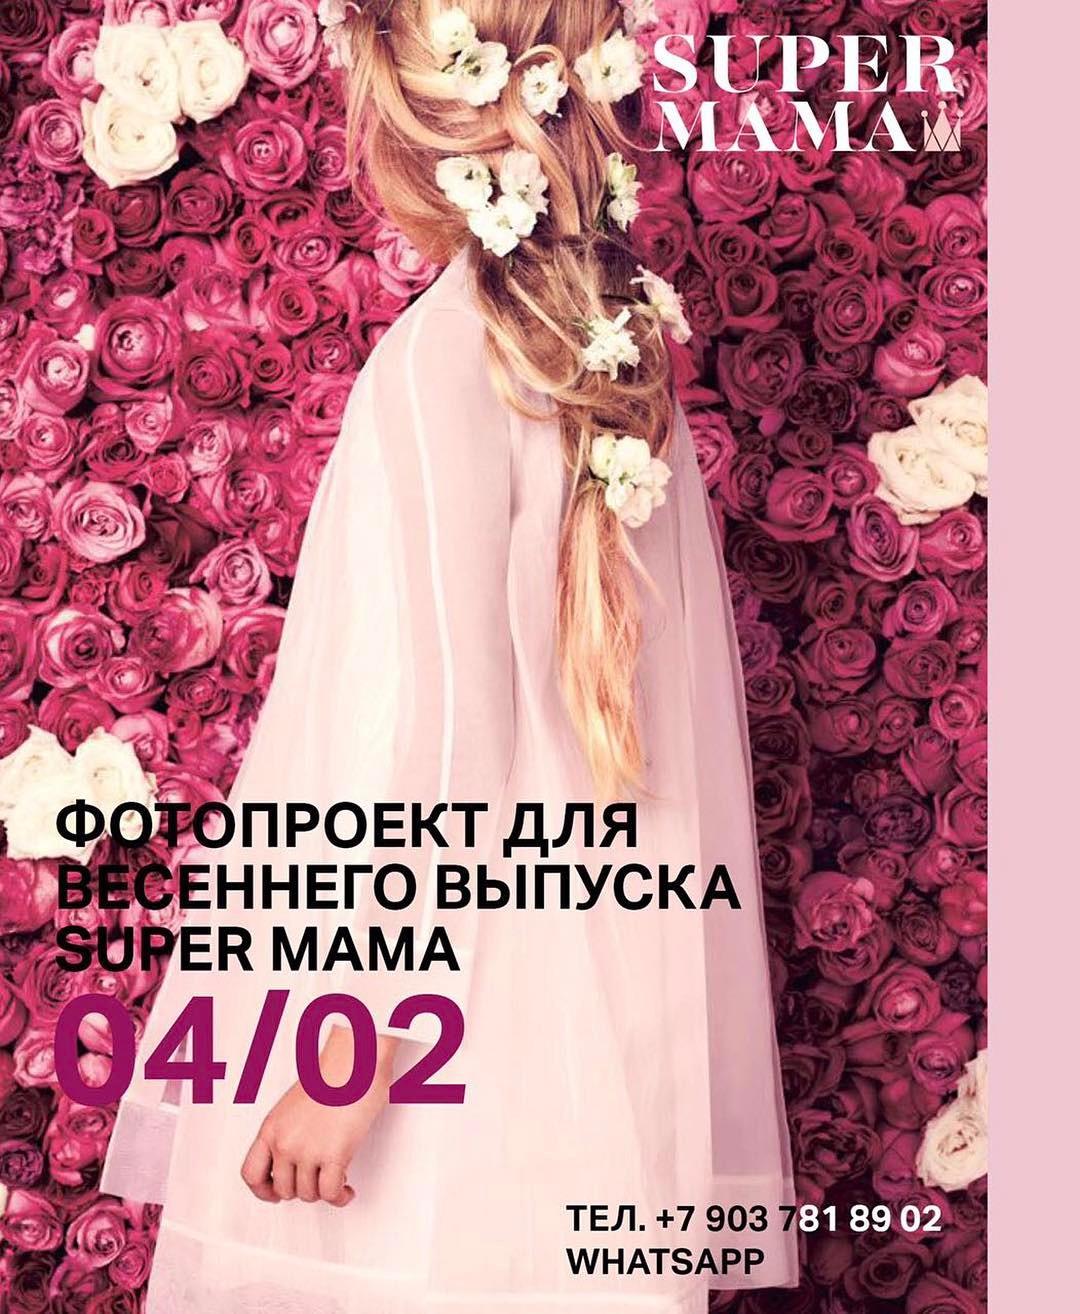 Журнал SUPER MAMA 87e8908de01e